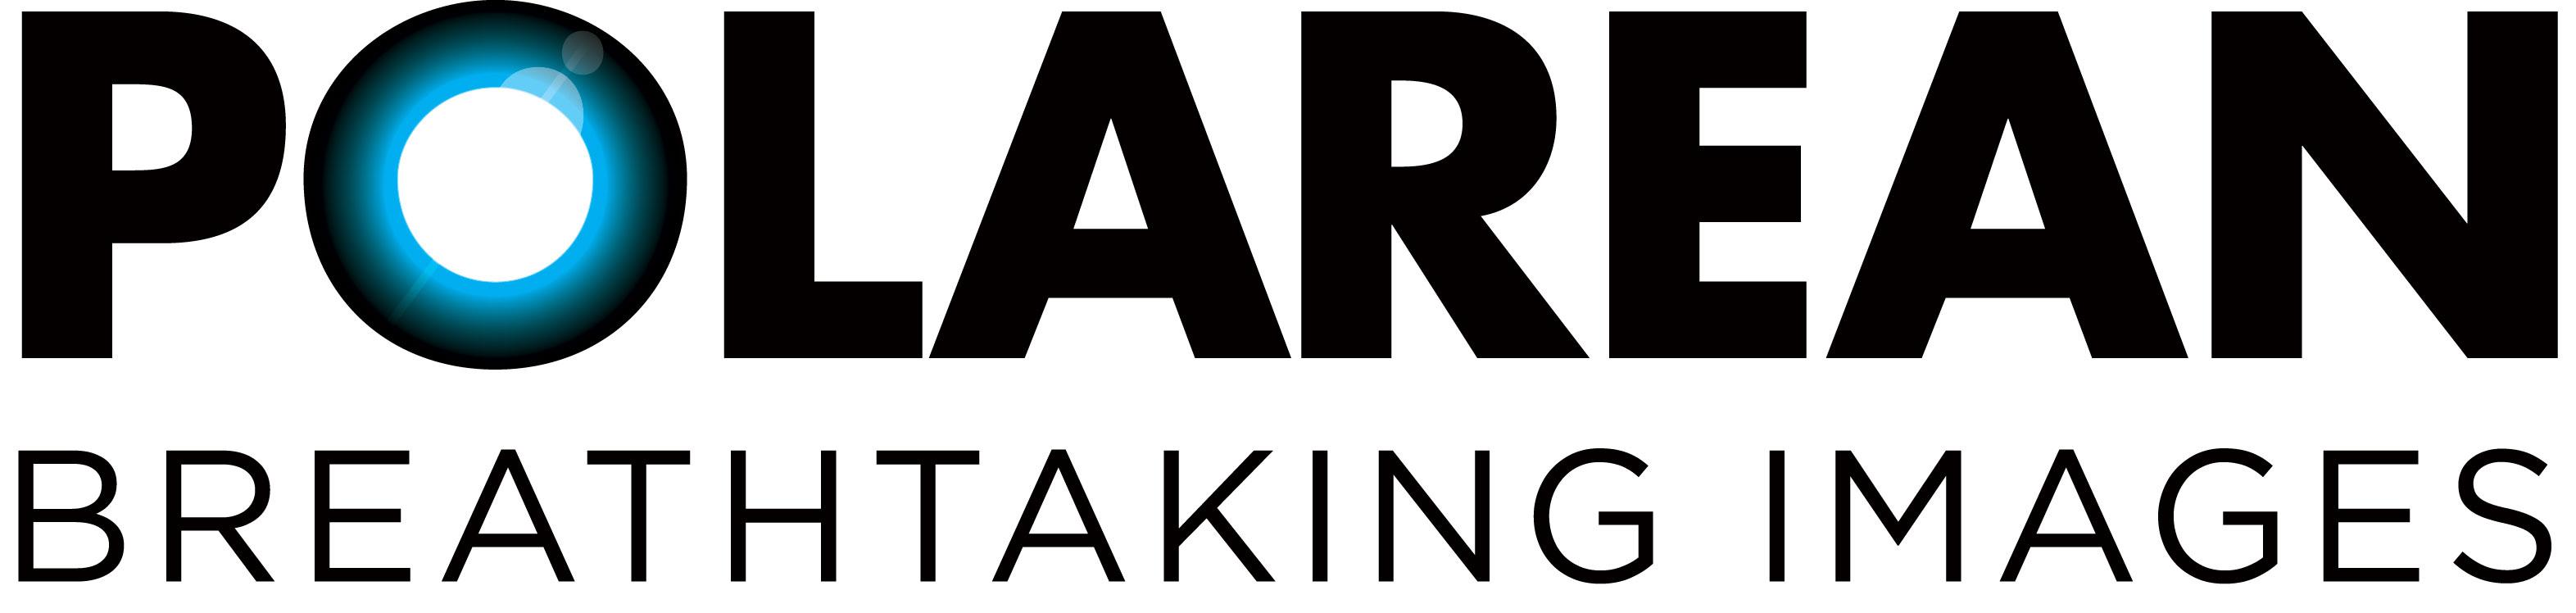 Polarean Imaging PLC Logo